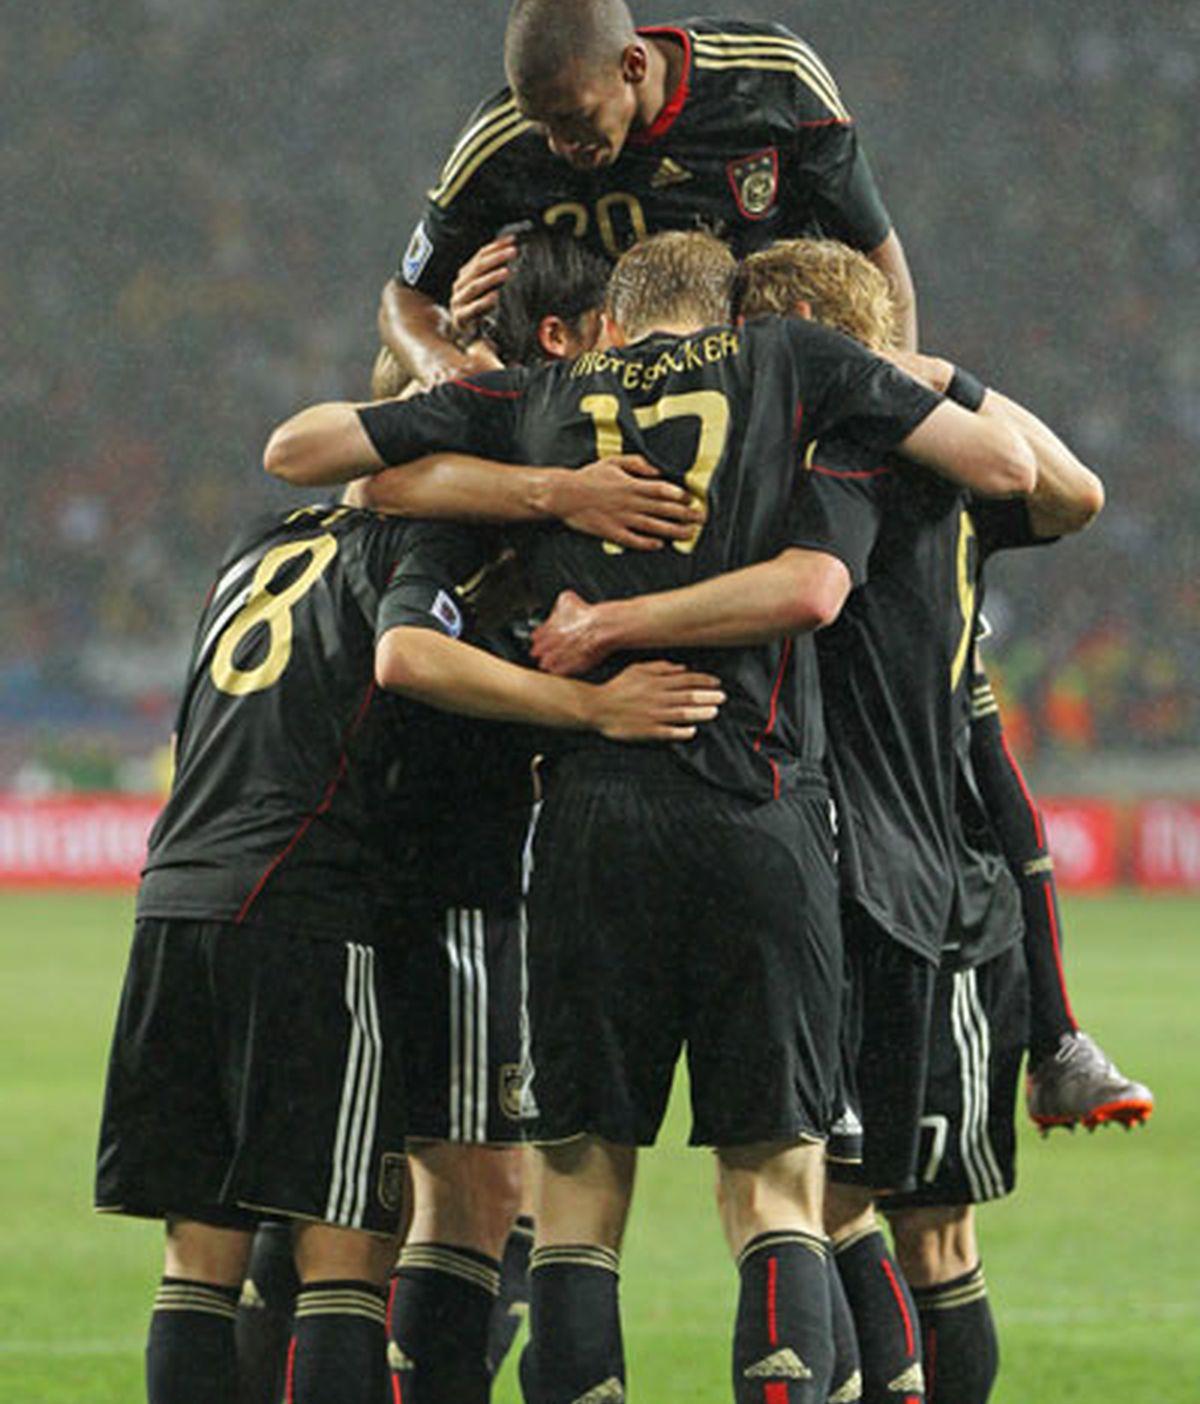 Alemania ganó un partido frenético. VÍDEO: Informativos Telecinco.